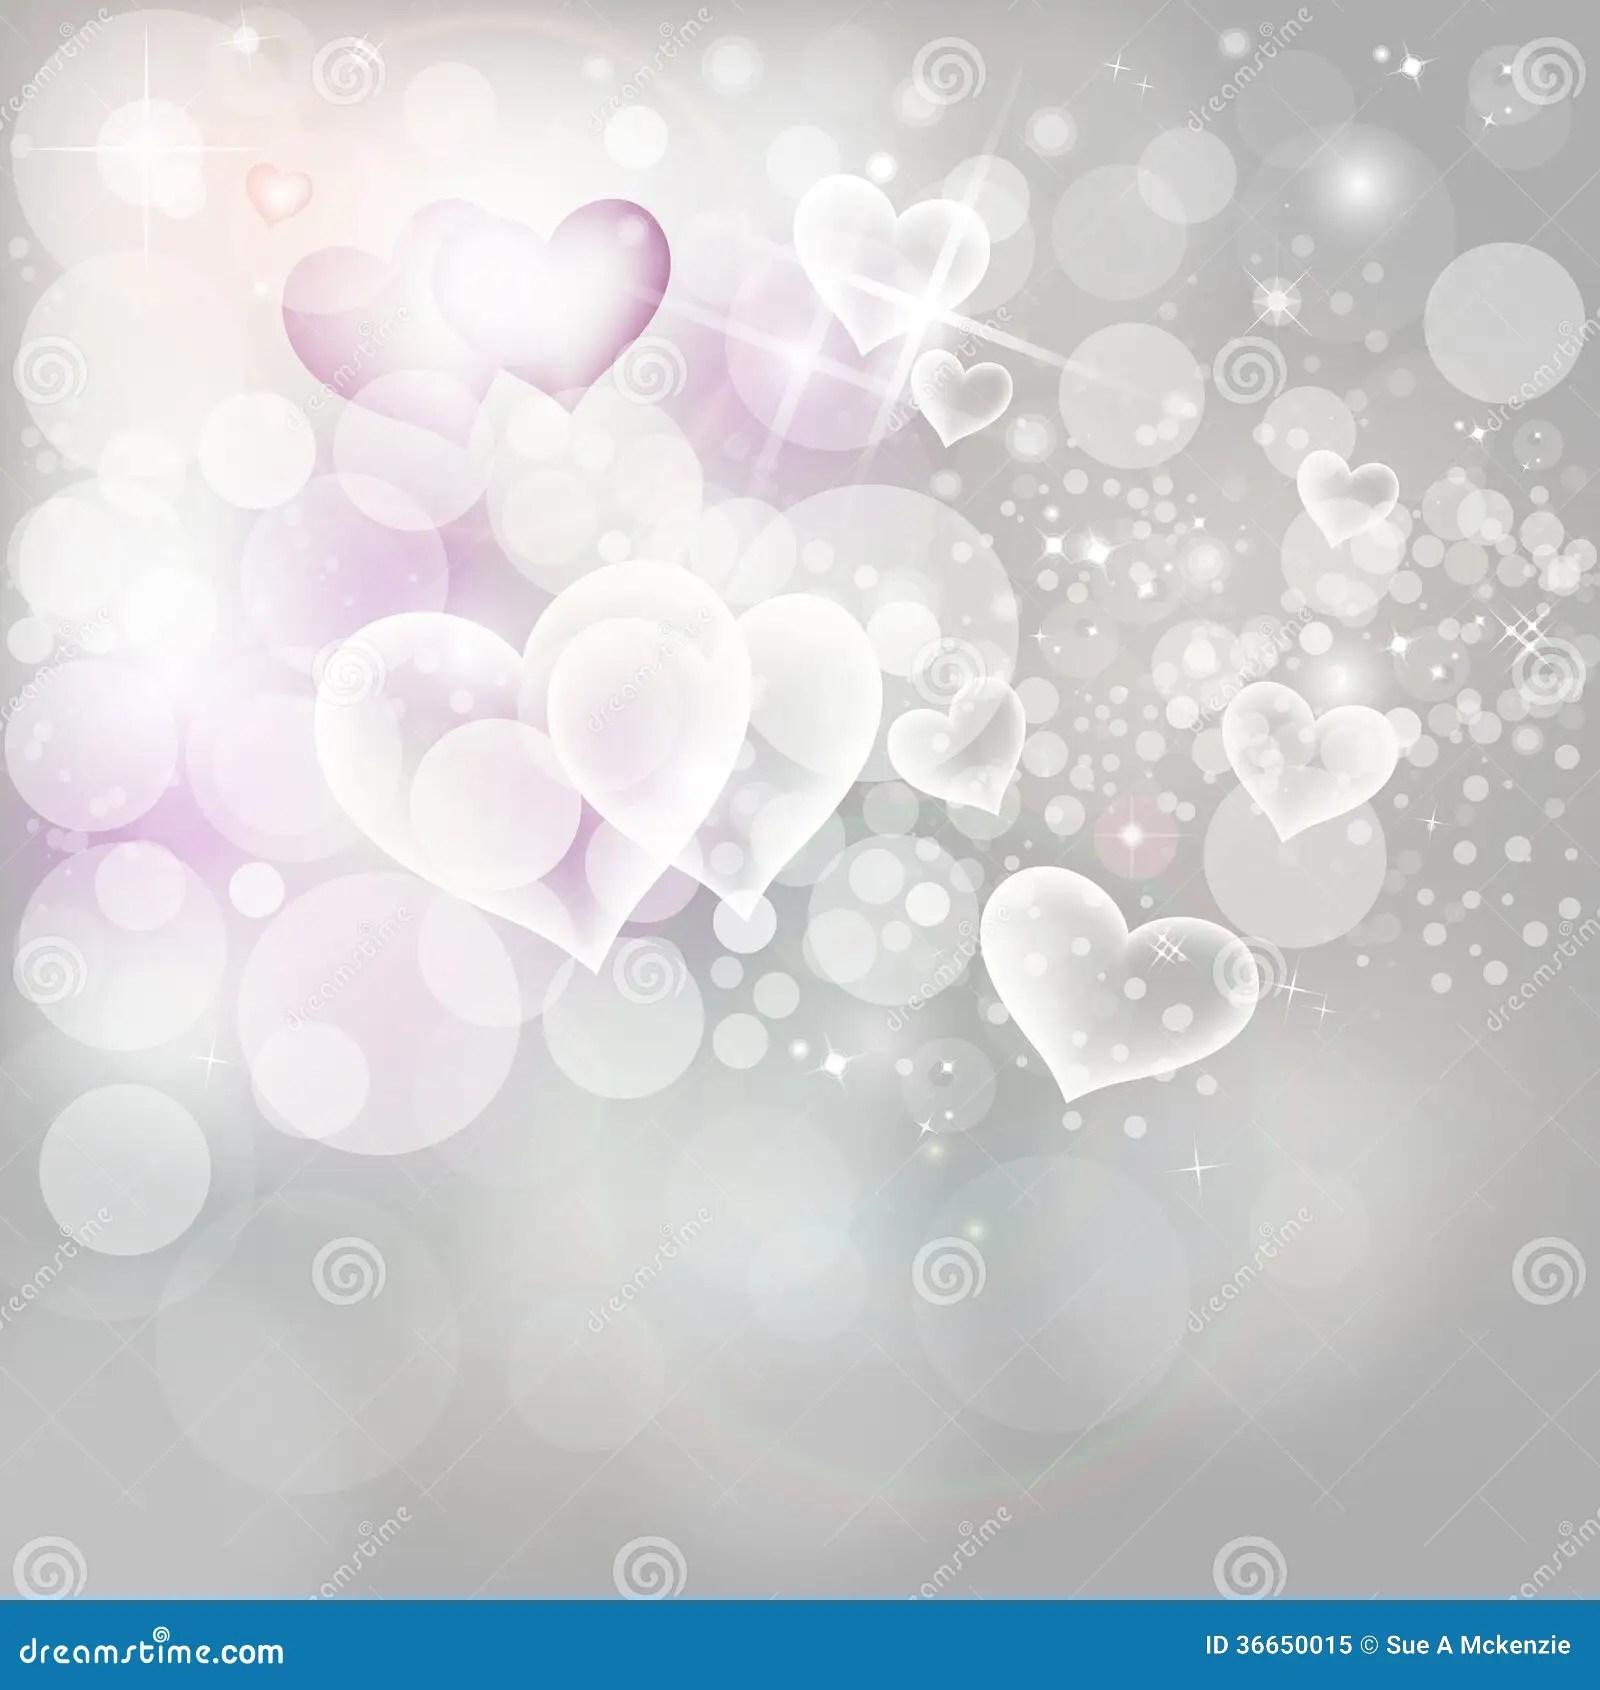 Valentinsgru Tagesfeiertags Hintergrund Silber Beleuchtet